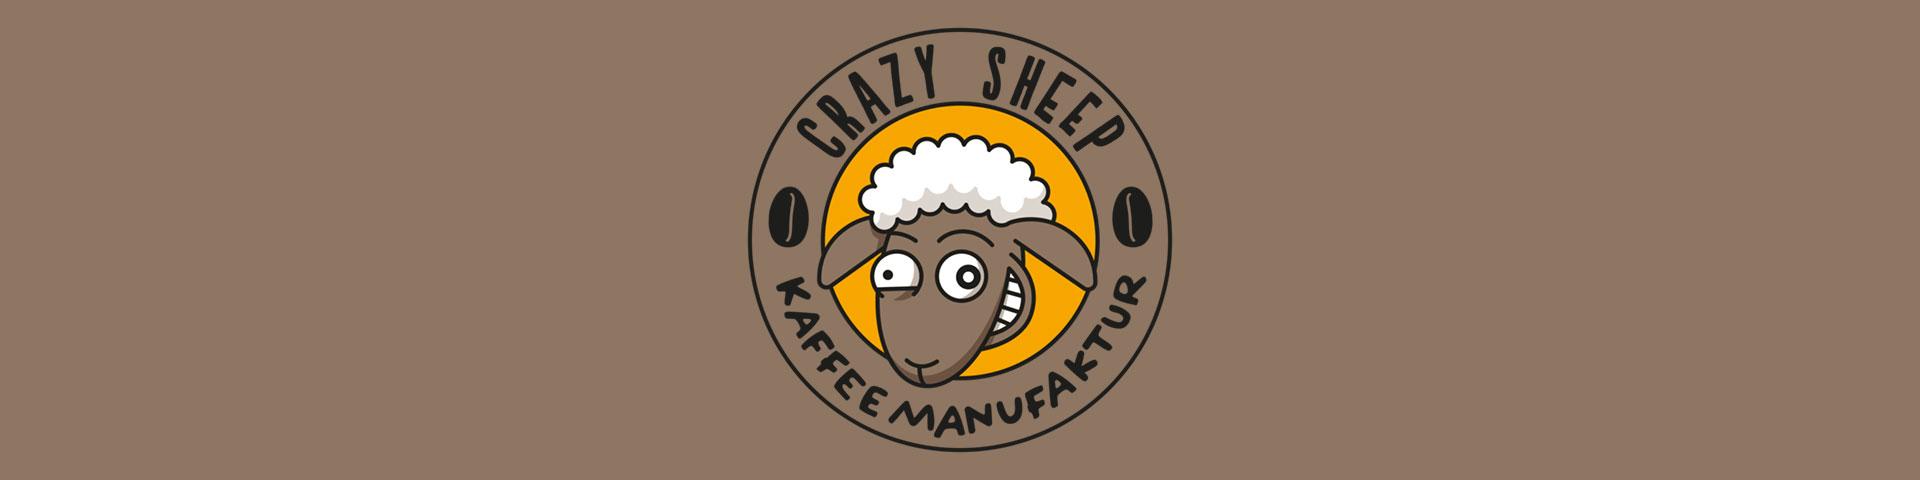 Crazy Sheep - Verrückt nach gutem Kaffee!